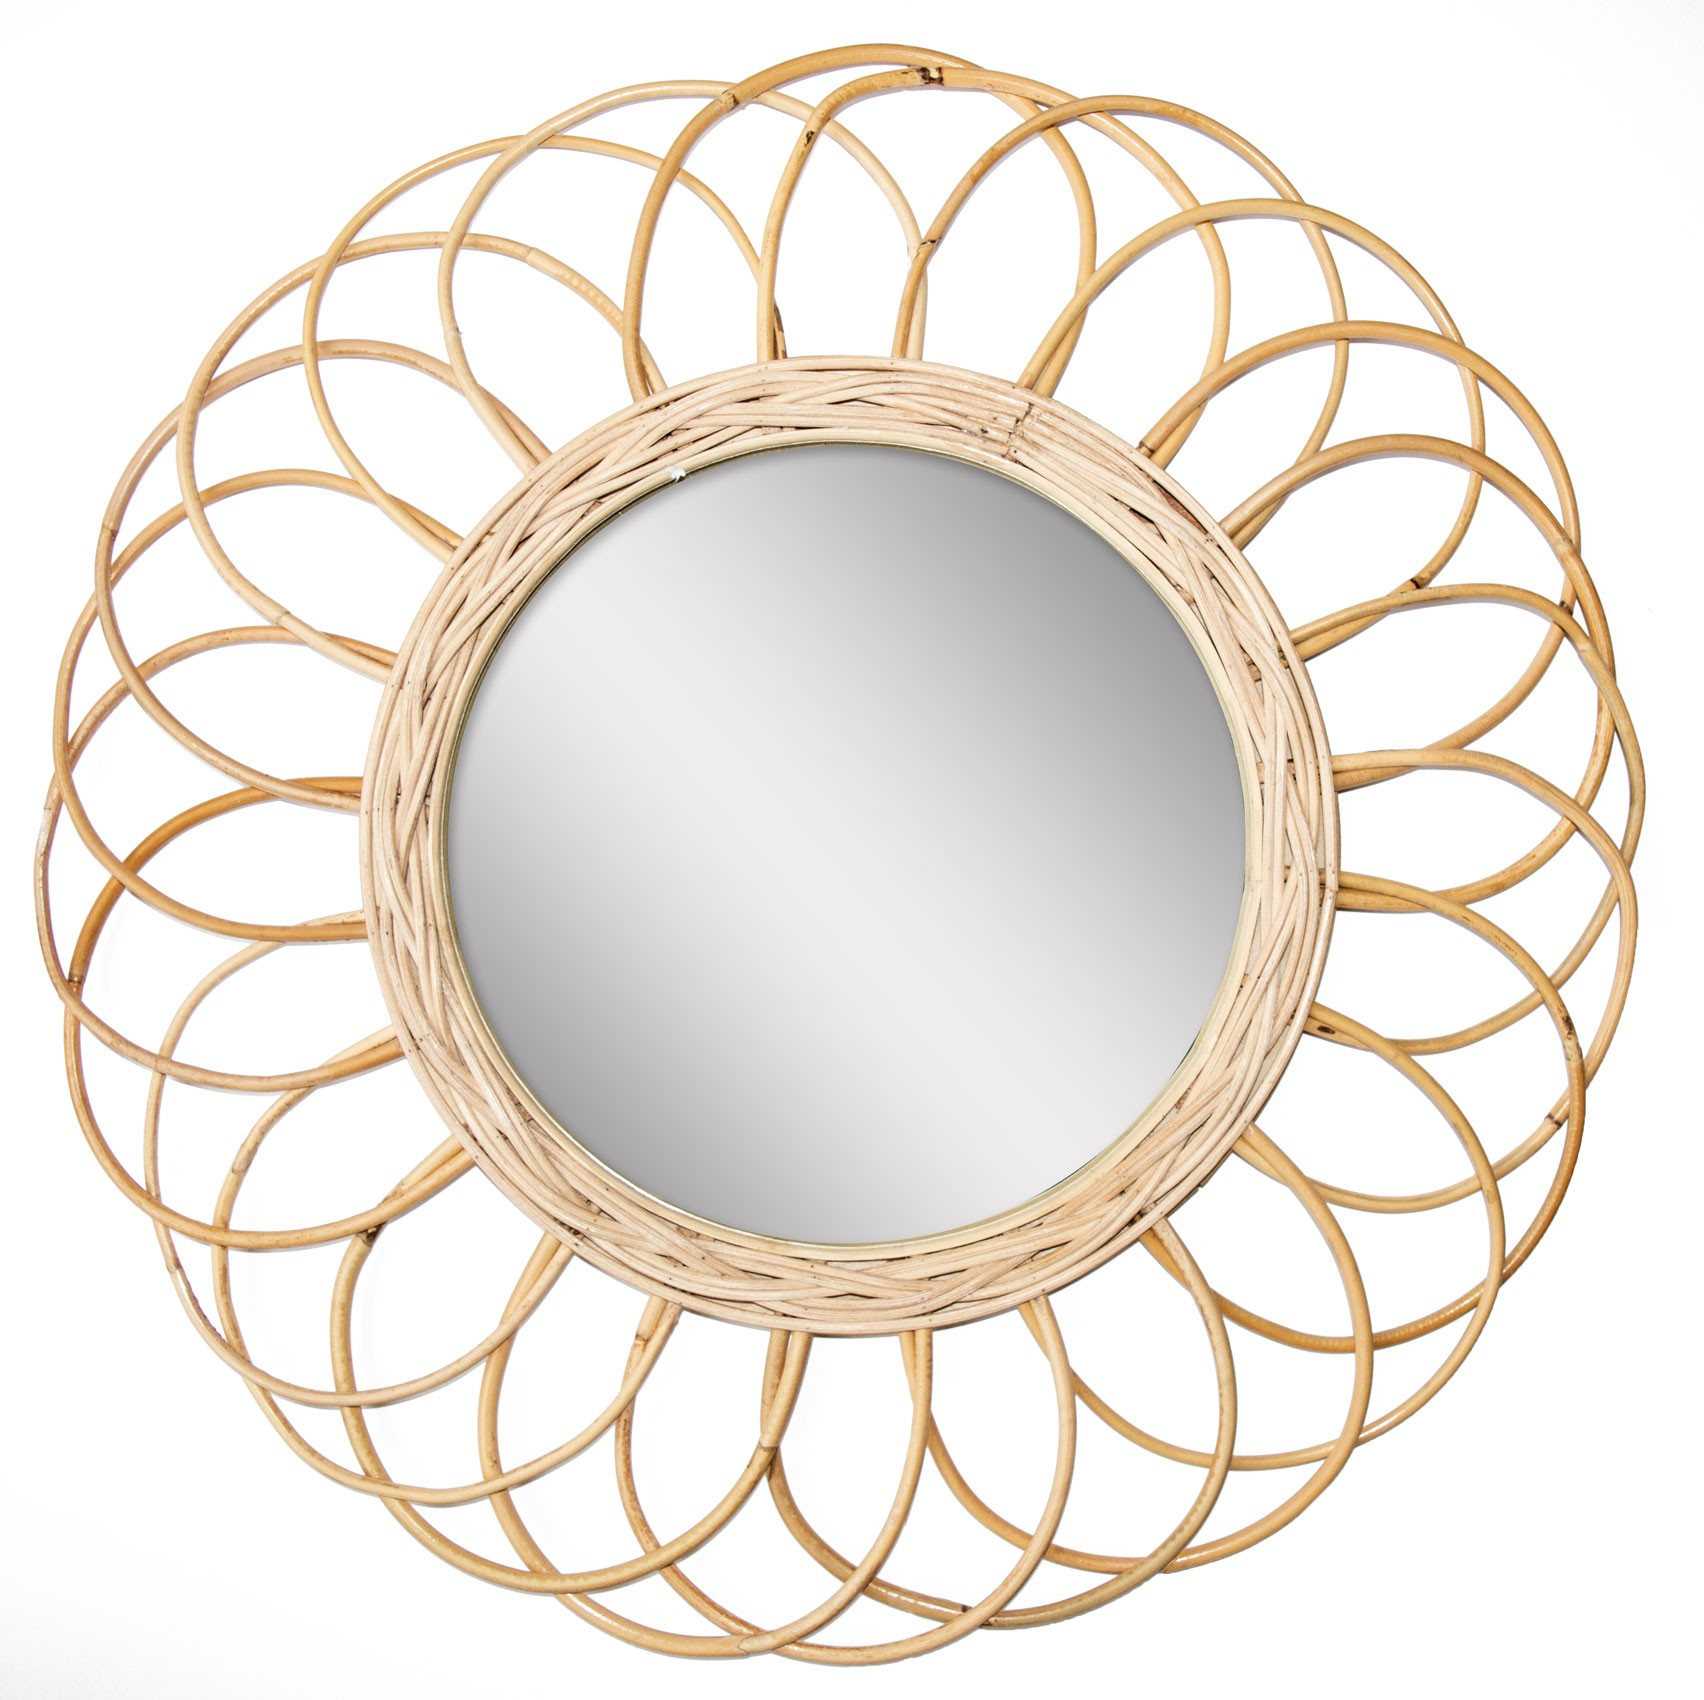 miroir bamboo fleur diam.55 cm